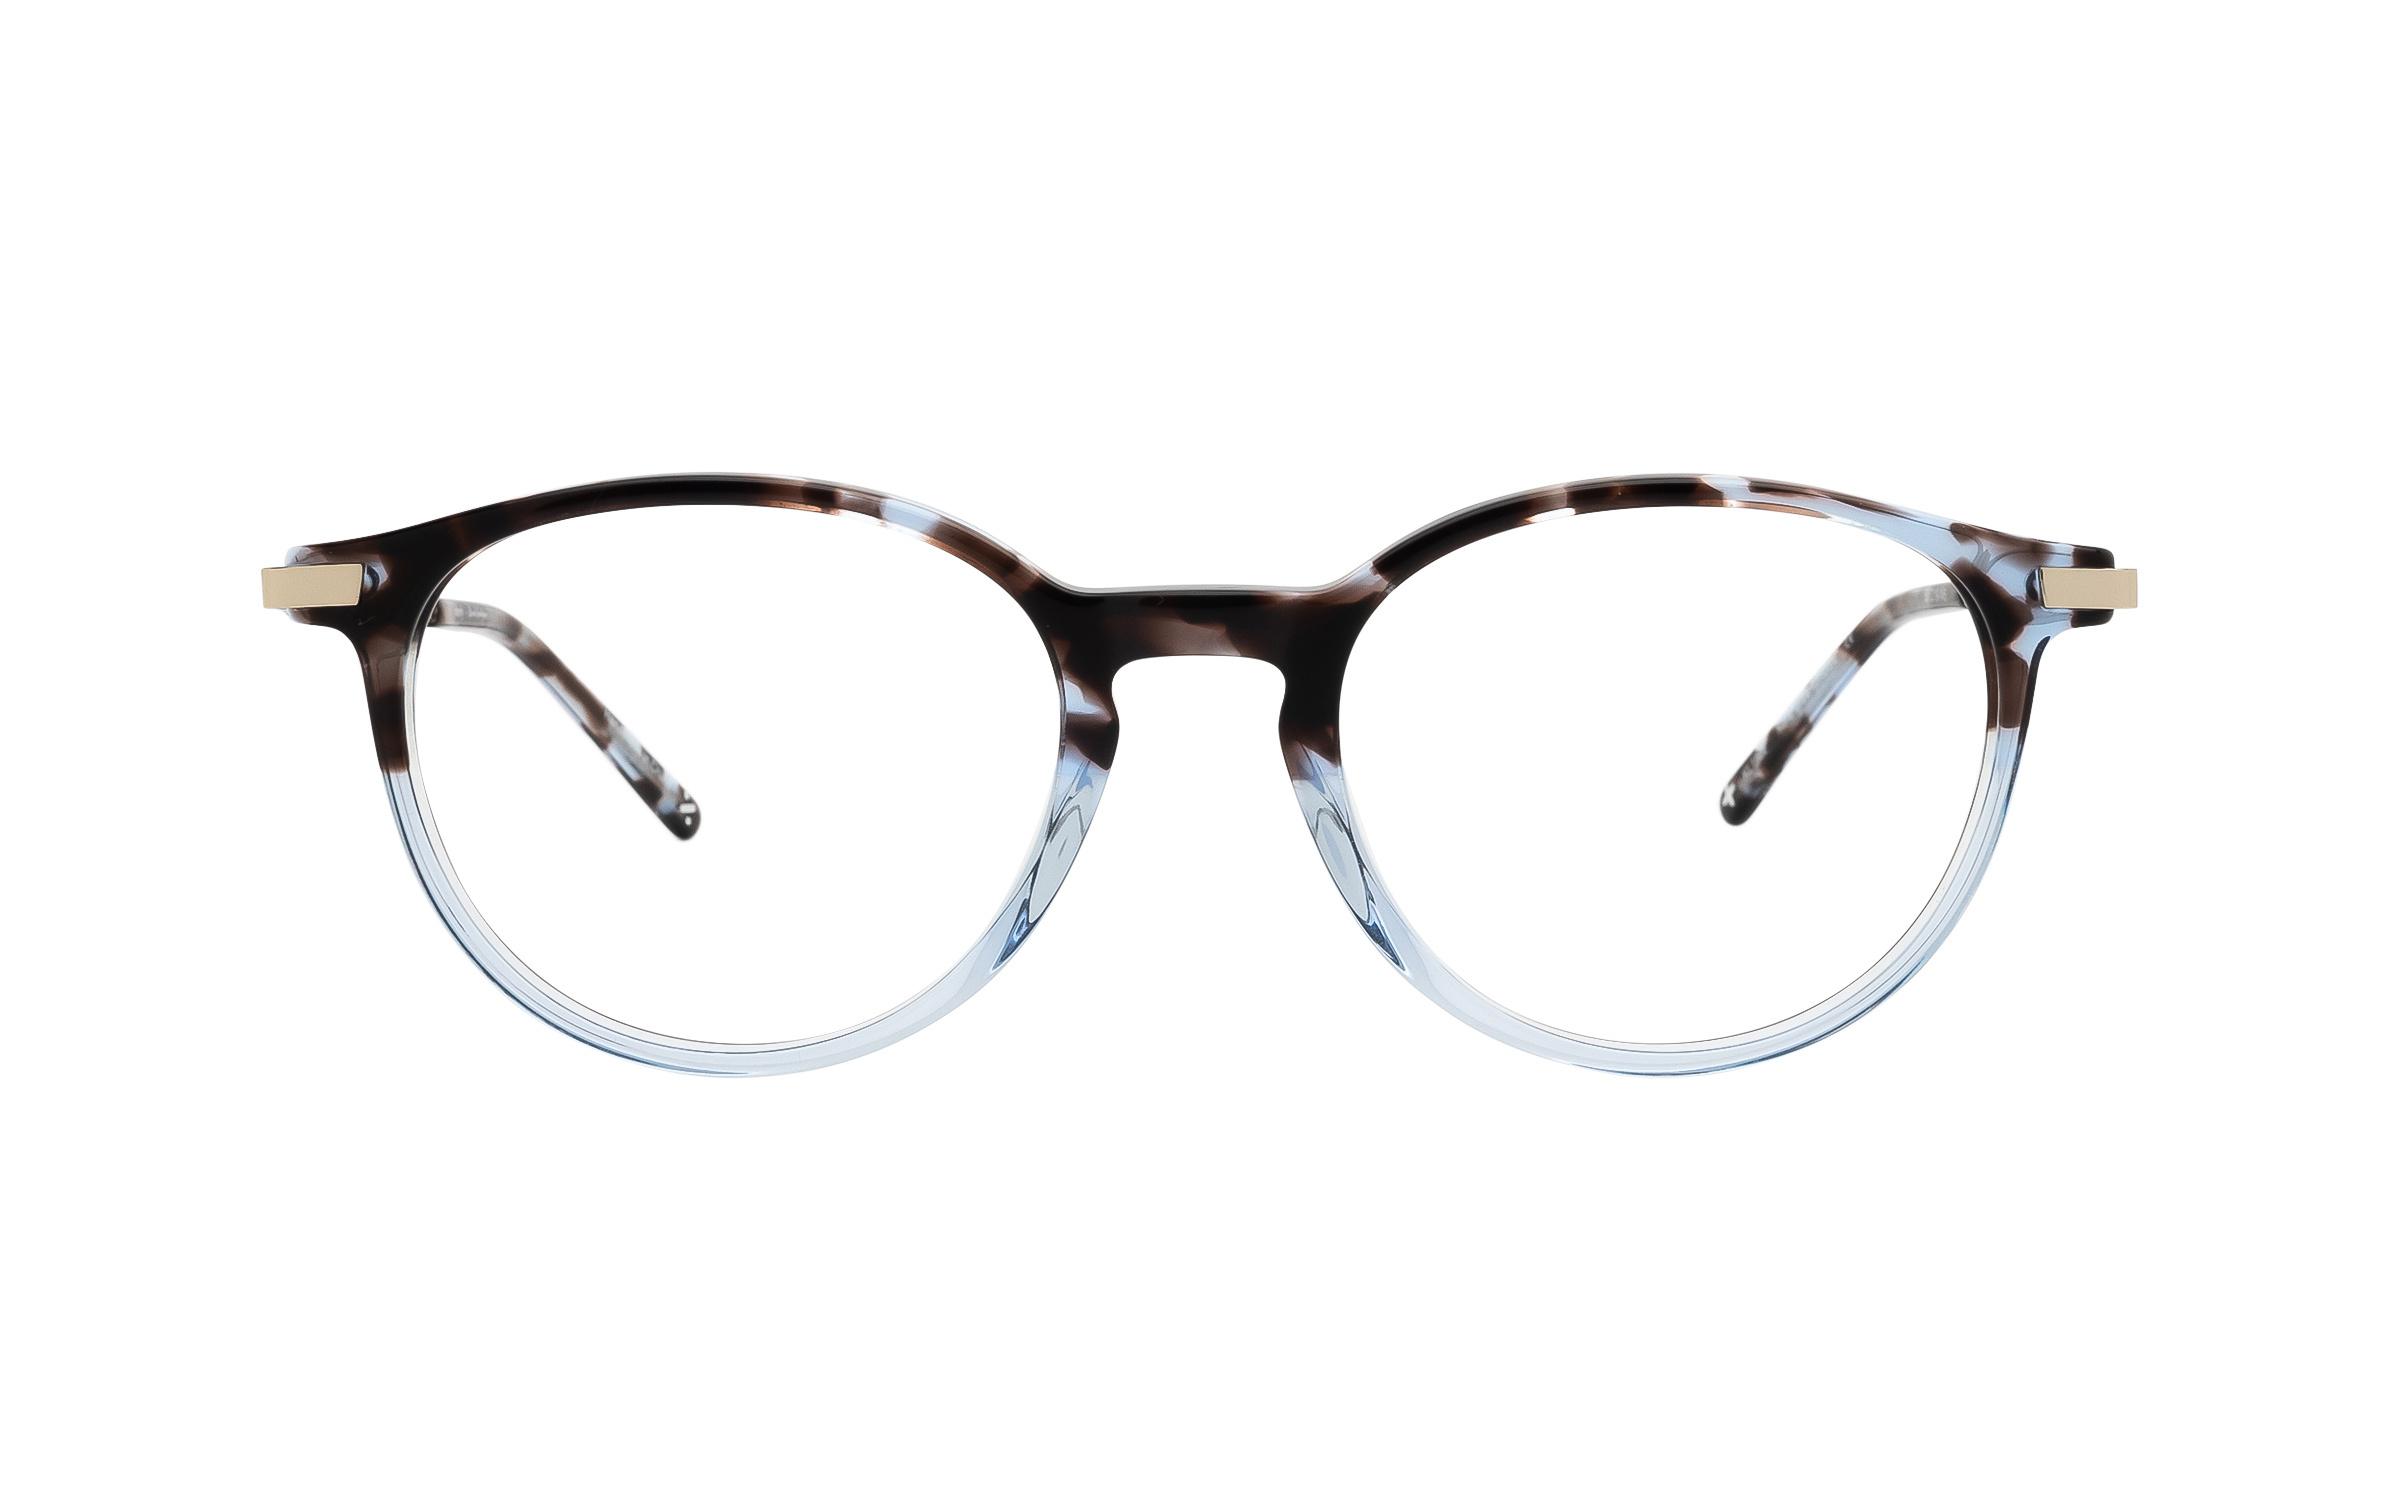 Derek Cardigan Kore (50) Eyeglasses and Frame in Blue Tortoise Blue/Tortoise | Acetate/Metal